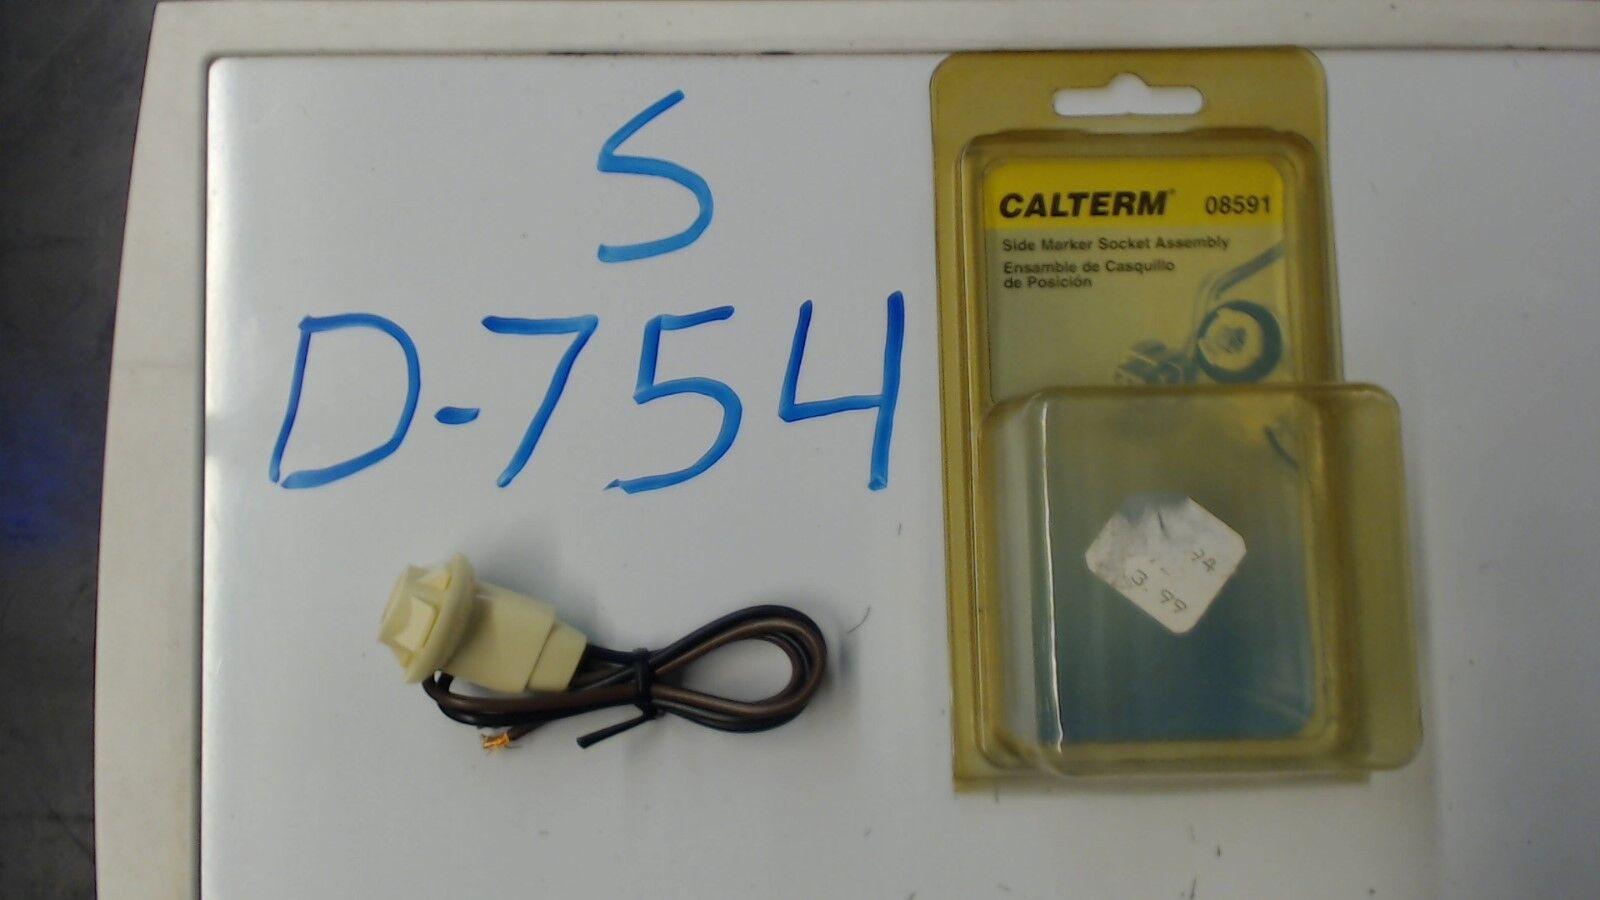 Caltern 08591 Side Marker Socket